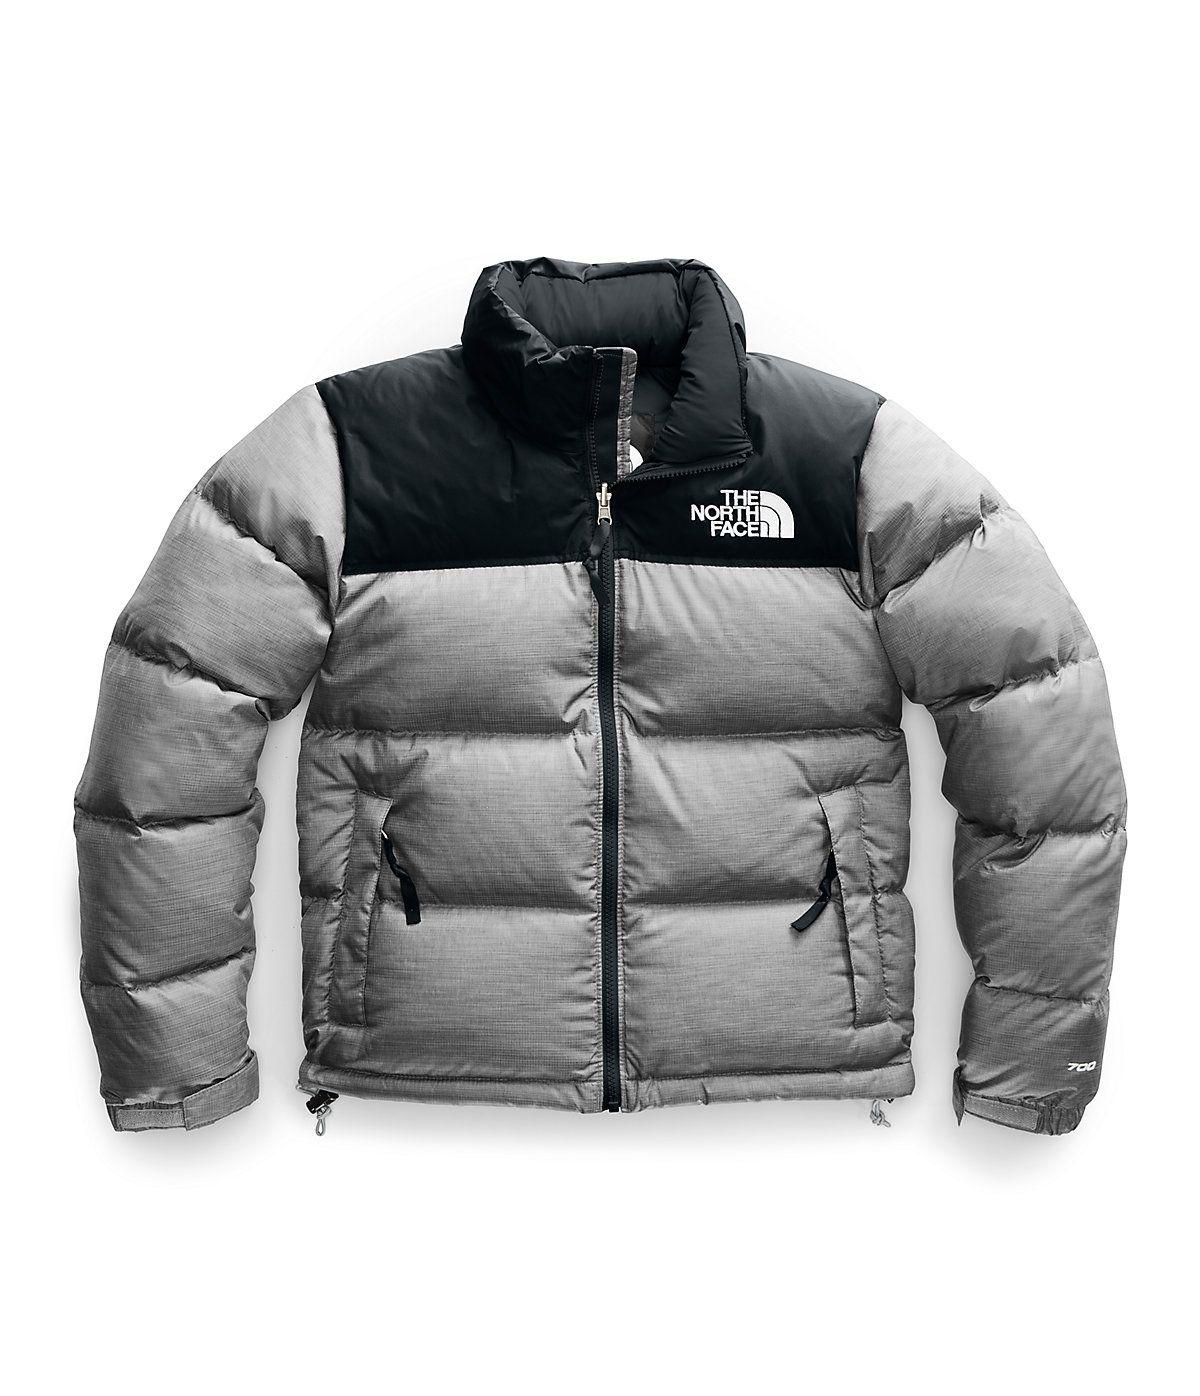 Women S 1996 Retro Nuptse Jacket The North Face In 2021 North Face Puffer Jacket Retro Nuptse Jacket 1996 Retro Nuptse Jacket [ 1396 x 1200 Pixel ]